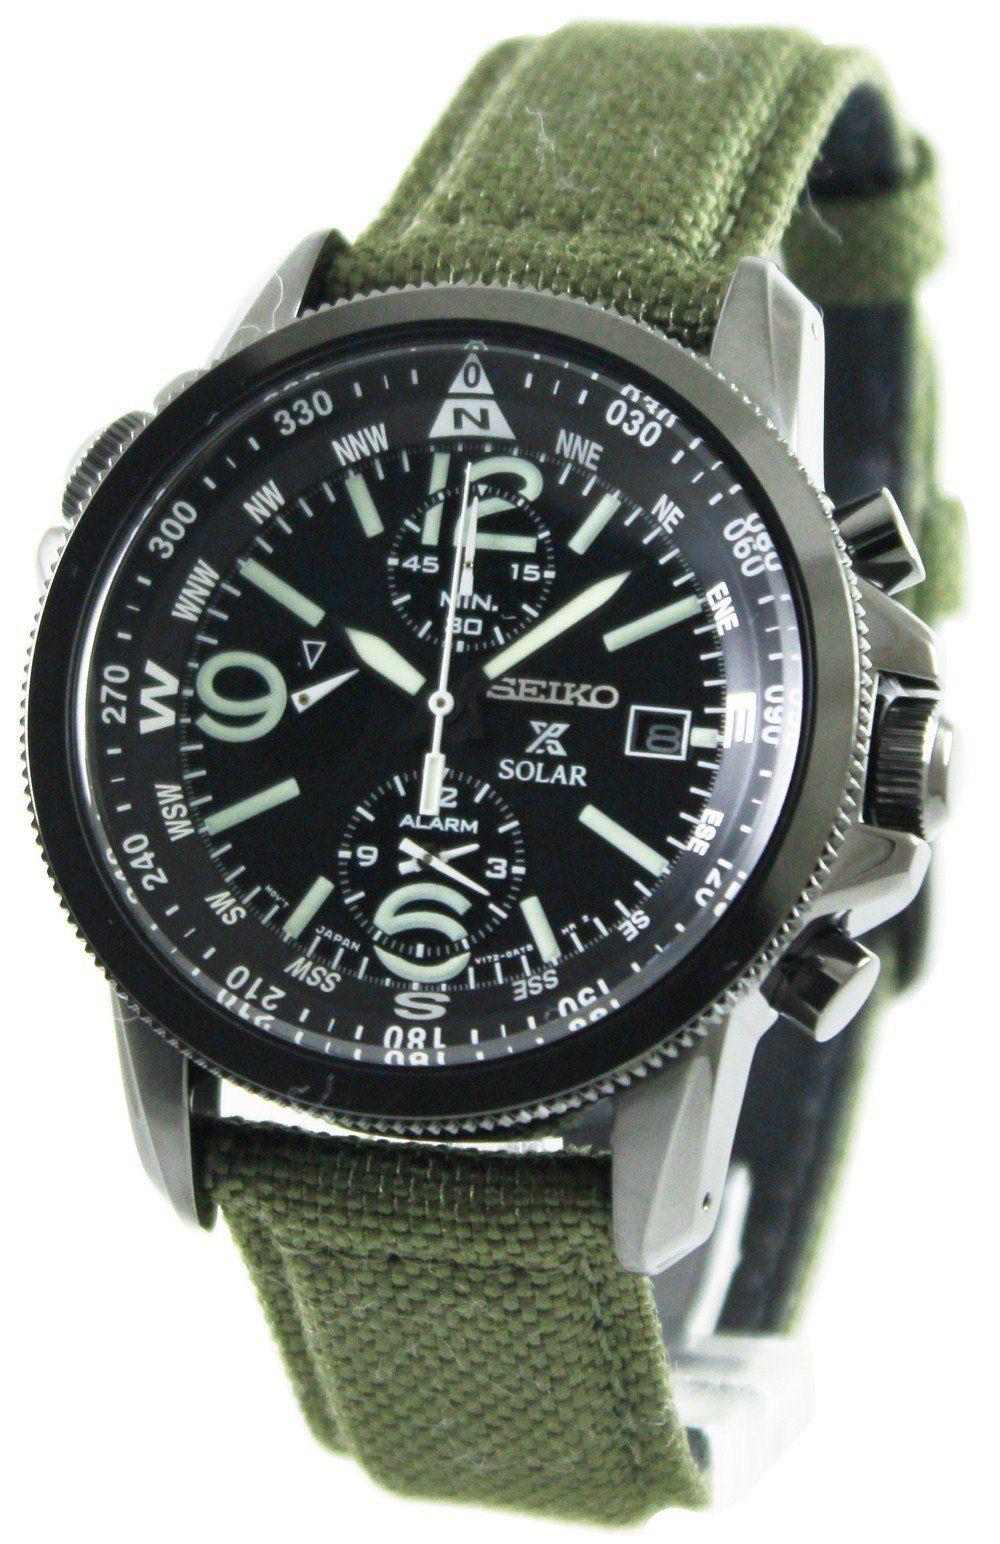 seiko prospex solar military alarm chronograph black dial ssc295p1 seiko prospex solar military alarm chronograph black dial ssc295p1 men 039 s watch